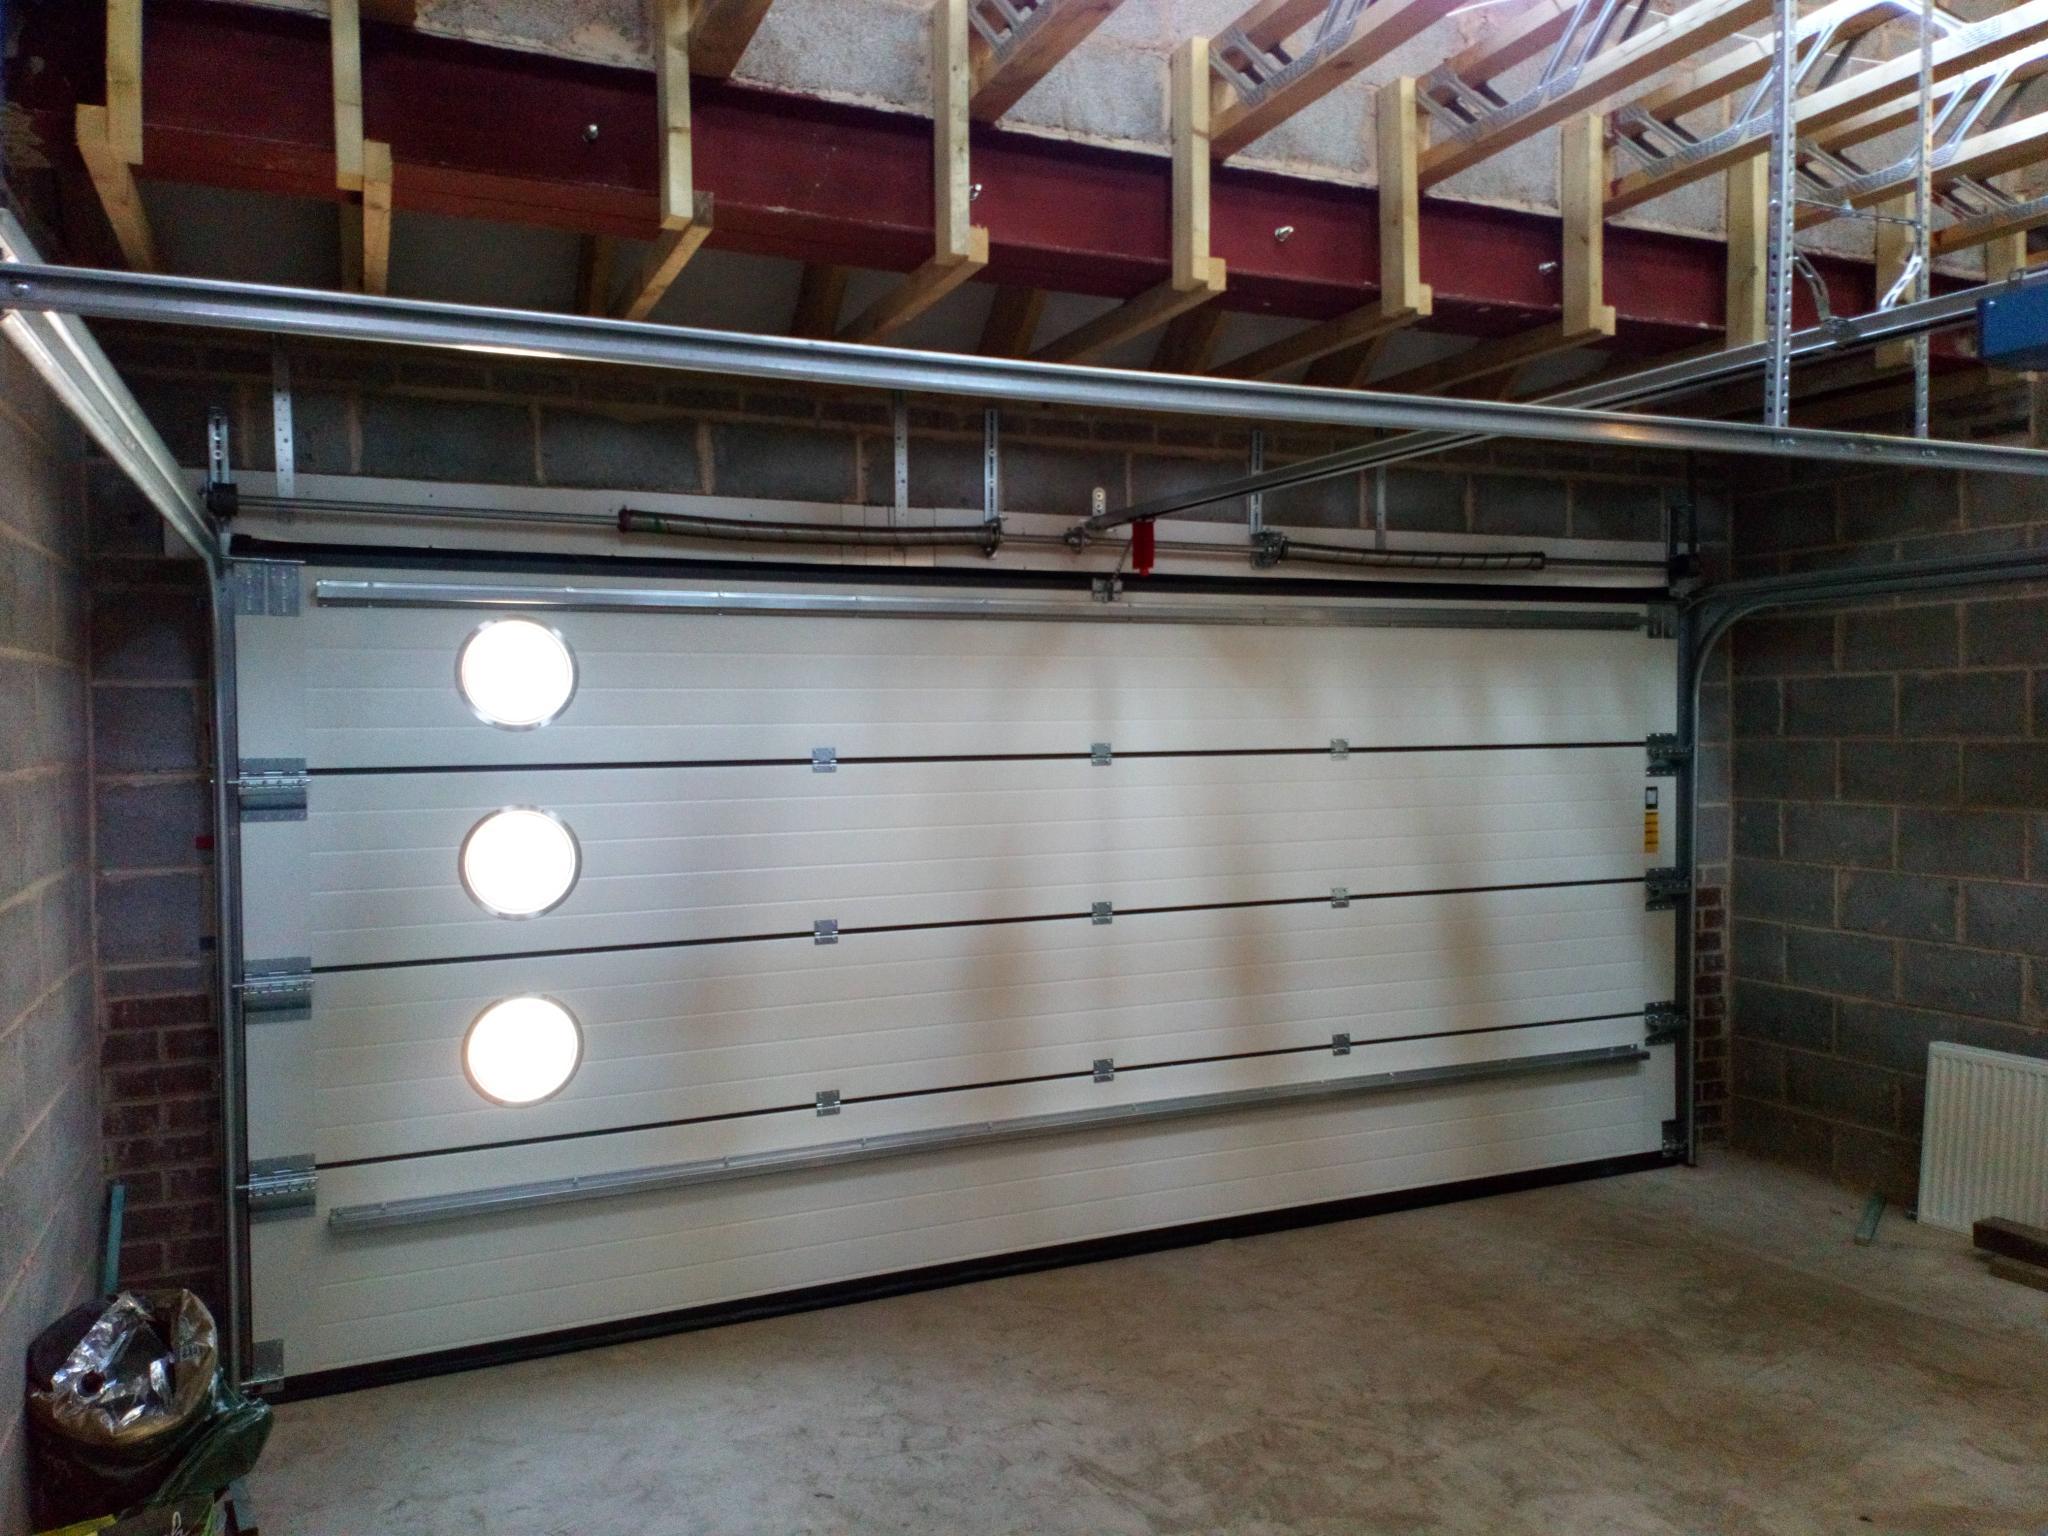 Sectional Garage Door as seen from inside